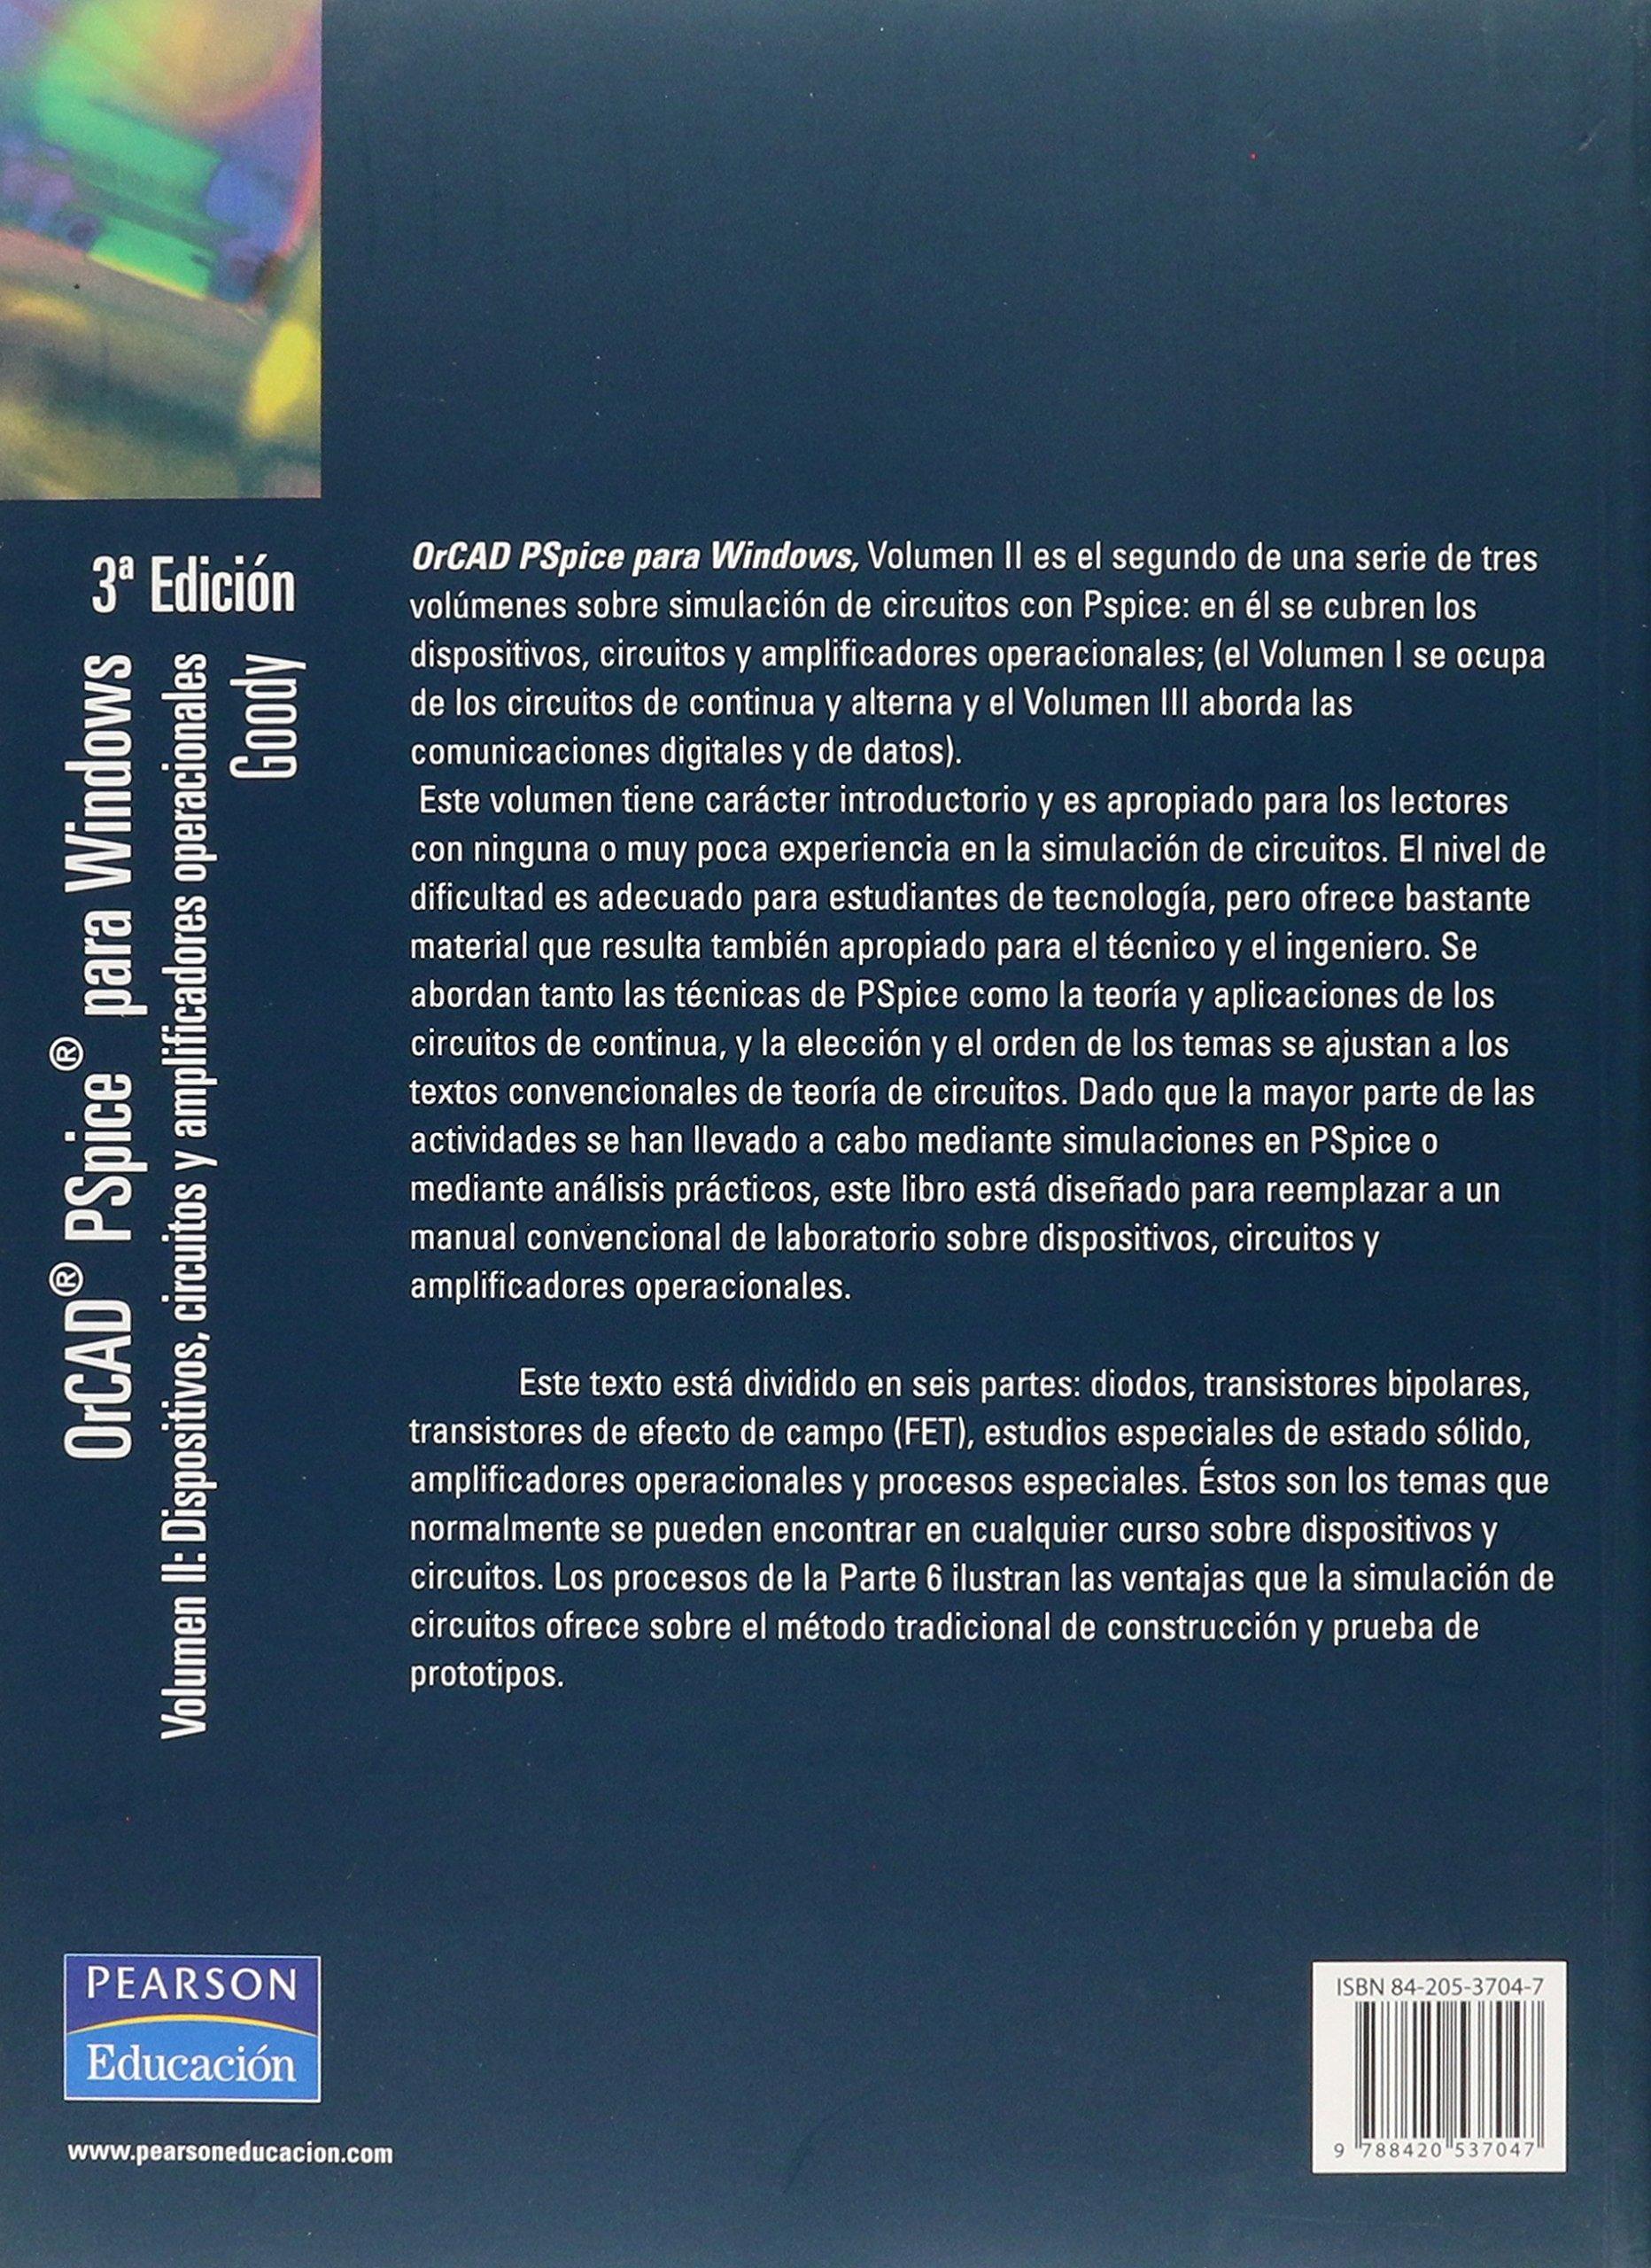 Orcad pspice con analisís de circuitos y amplificadores op. Fuera de colección Out of series: Amazon.es: Roy W. Goody: Libros